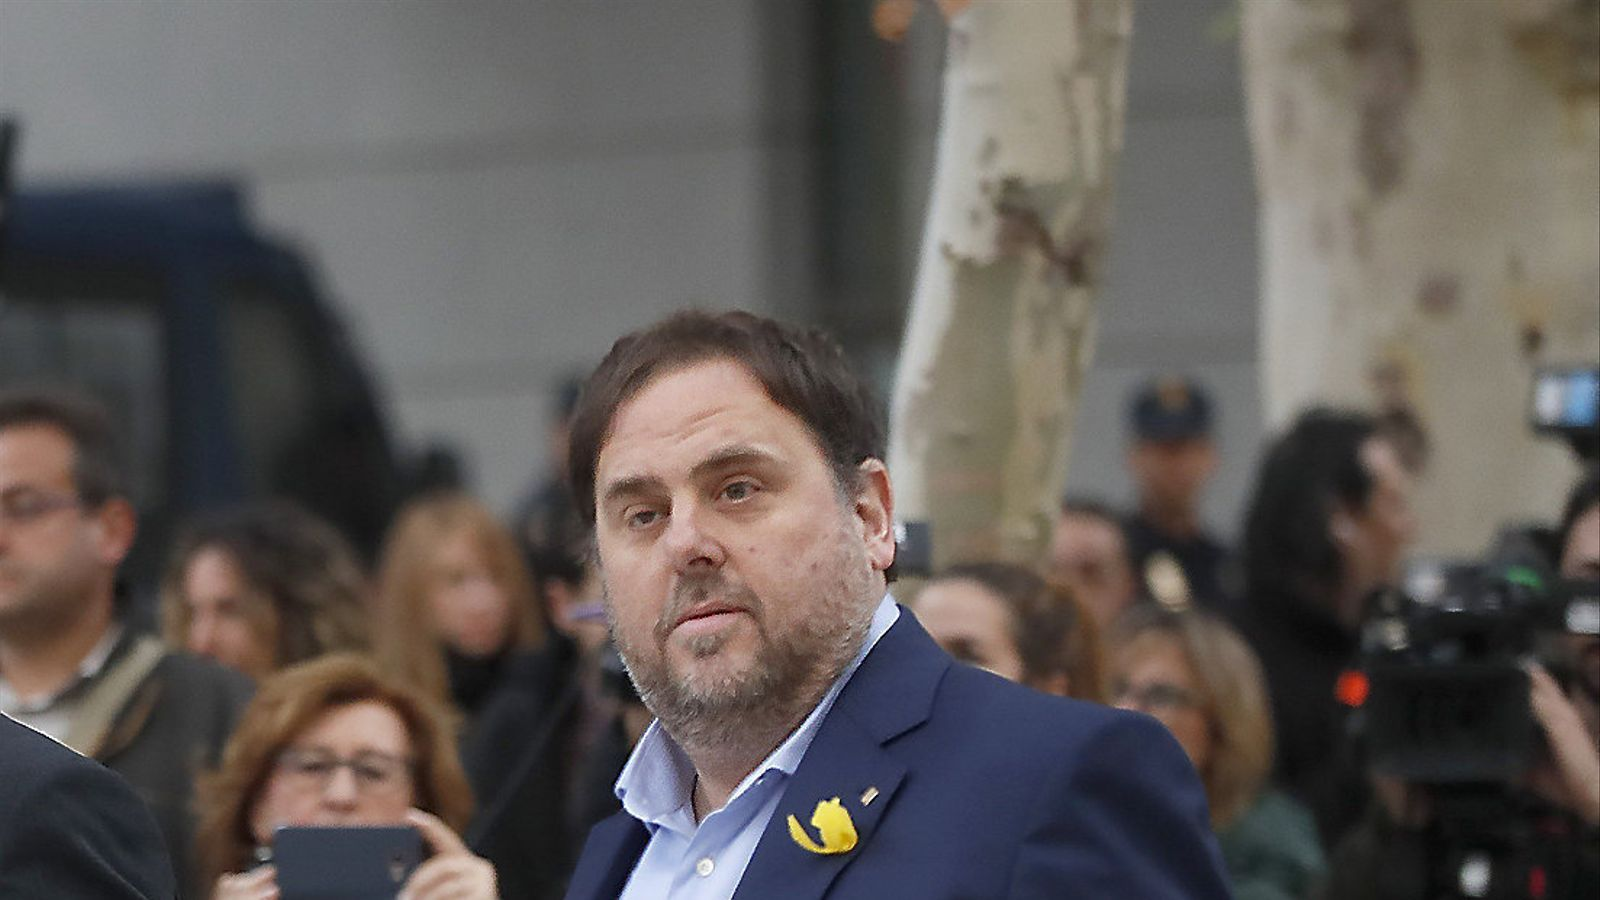 El vicepresident de la Generalitat, Oriol Junqueras, davant de l'Audiència.